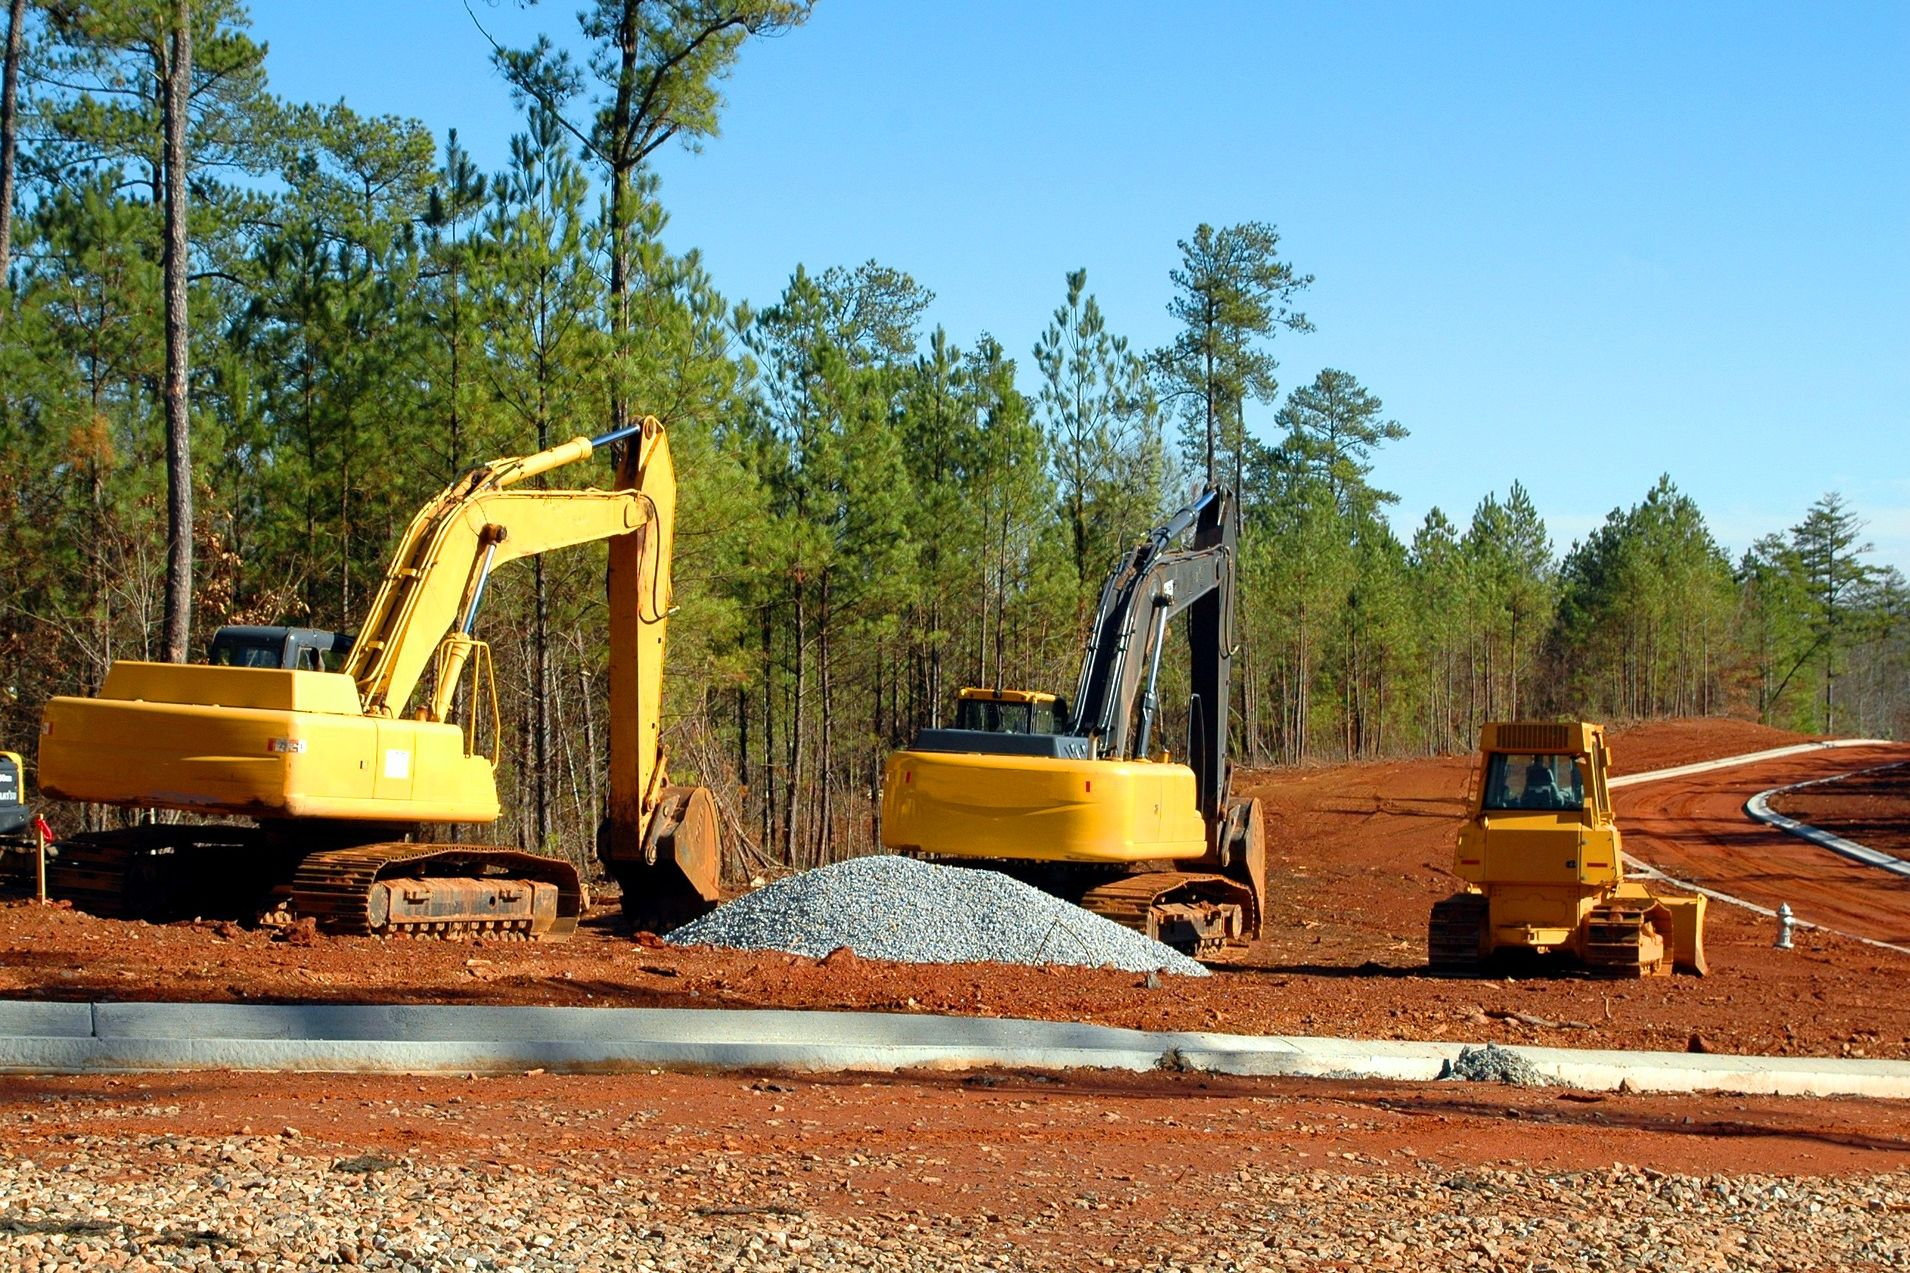 Mehrere Bagger graben am Rand eines Waldgebiets in der Erde.